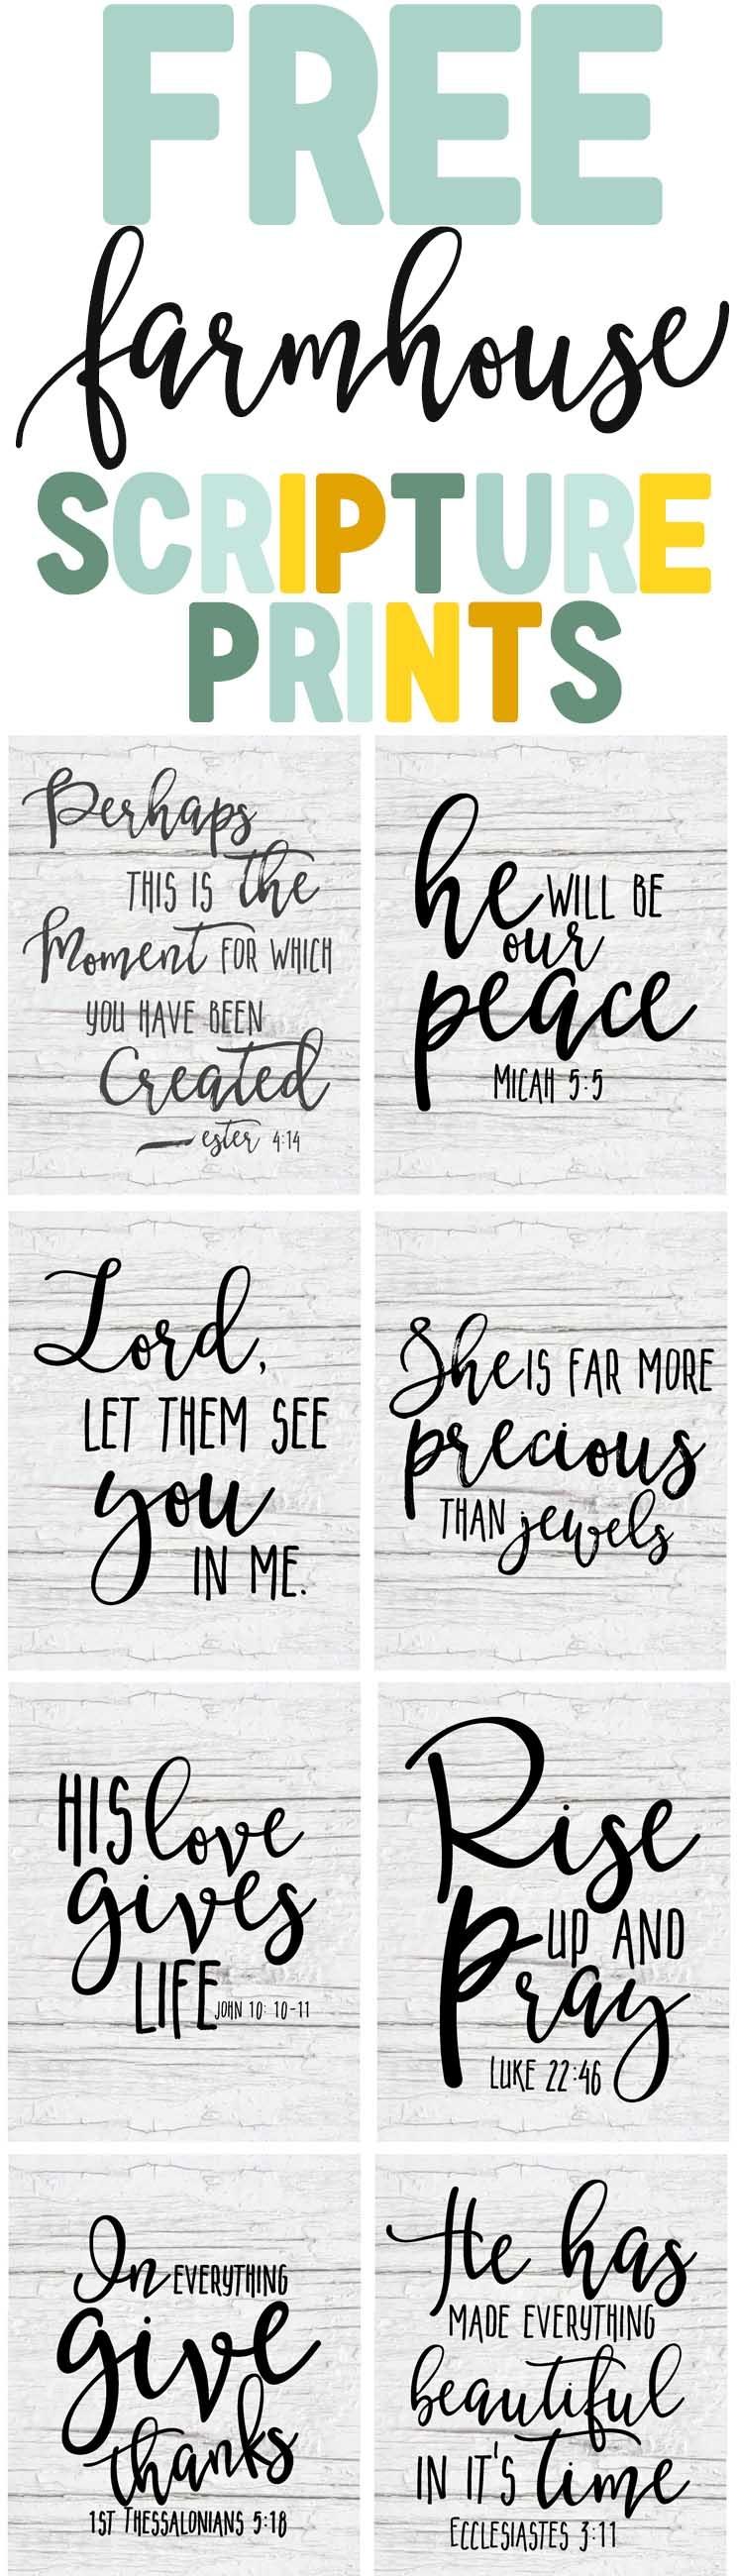 Free Farmhouse Scripture Printables - The Mountain View Cottage - Free Printable Bible Verses